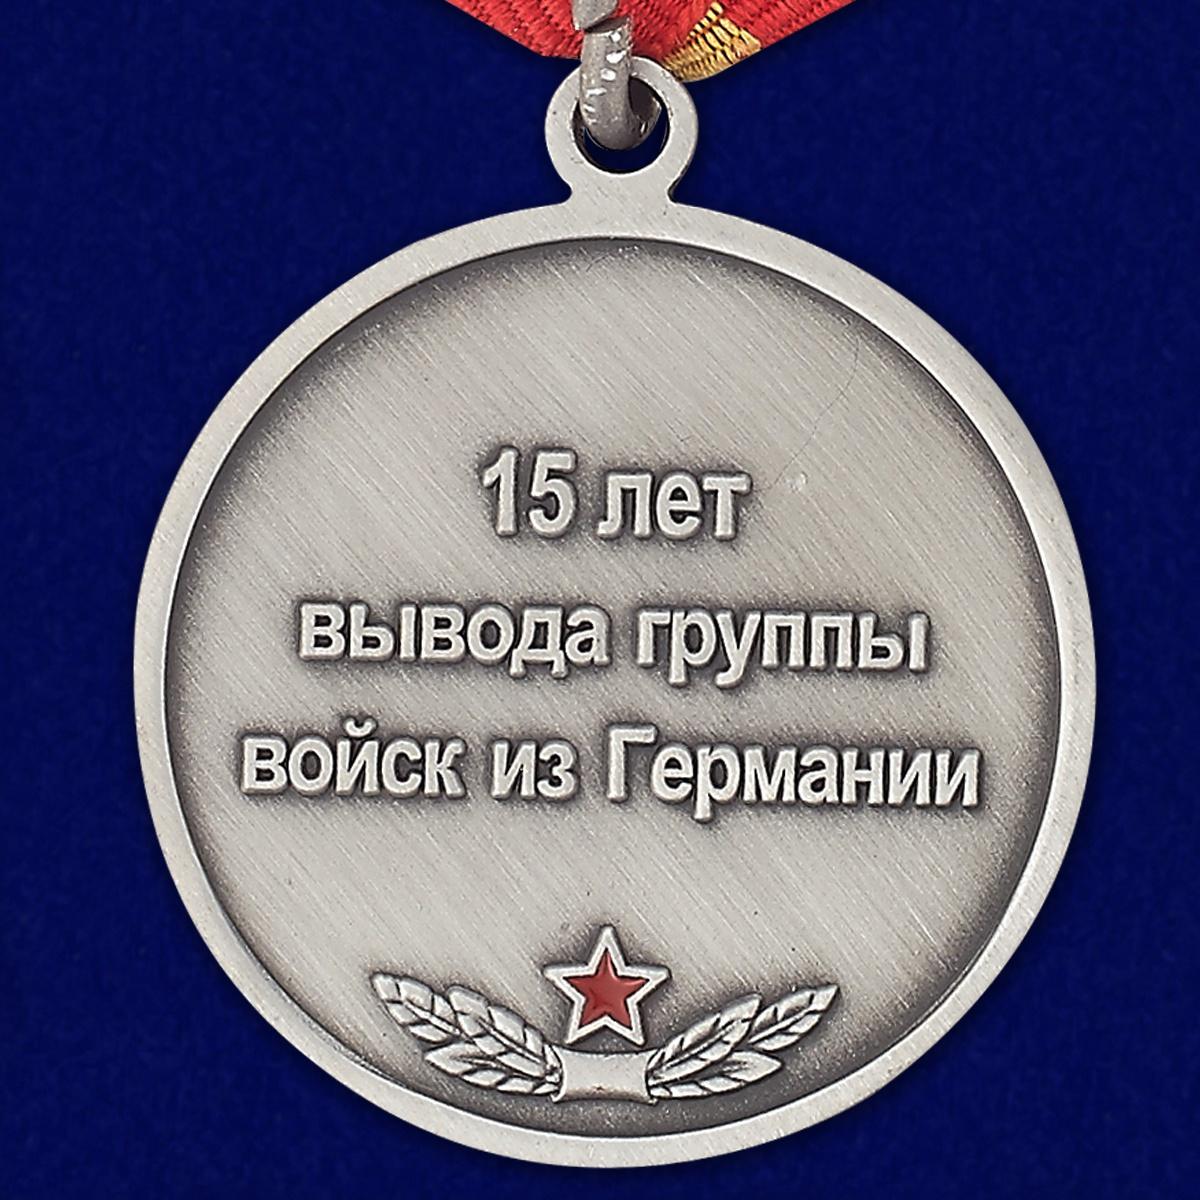 """Медаль """"15 лет вывода Группы войск из Германии"""" по привлекательной цене"""